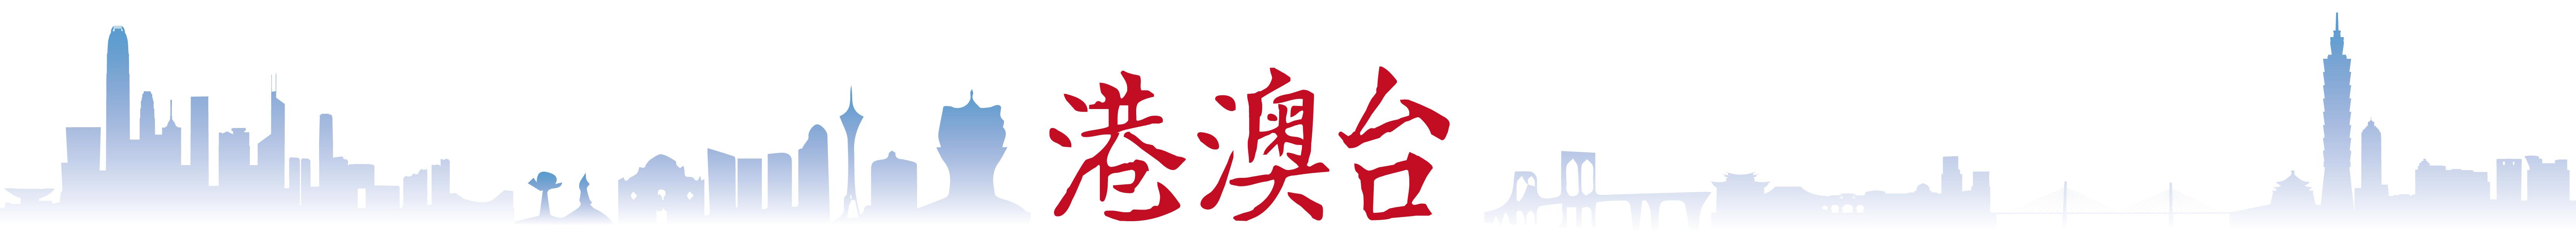 """向民进党屈膝,对自己人招招致命,中国国民党不能只有""""残兵""""相"""